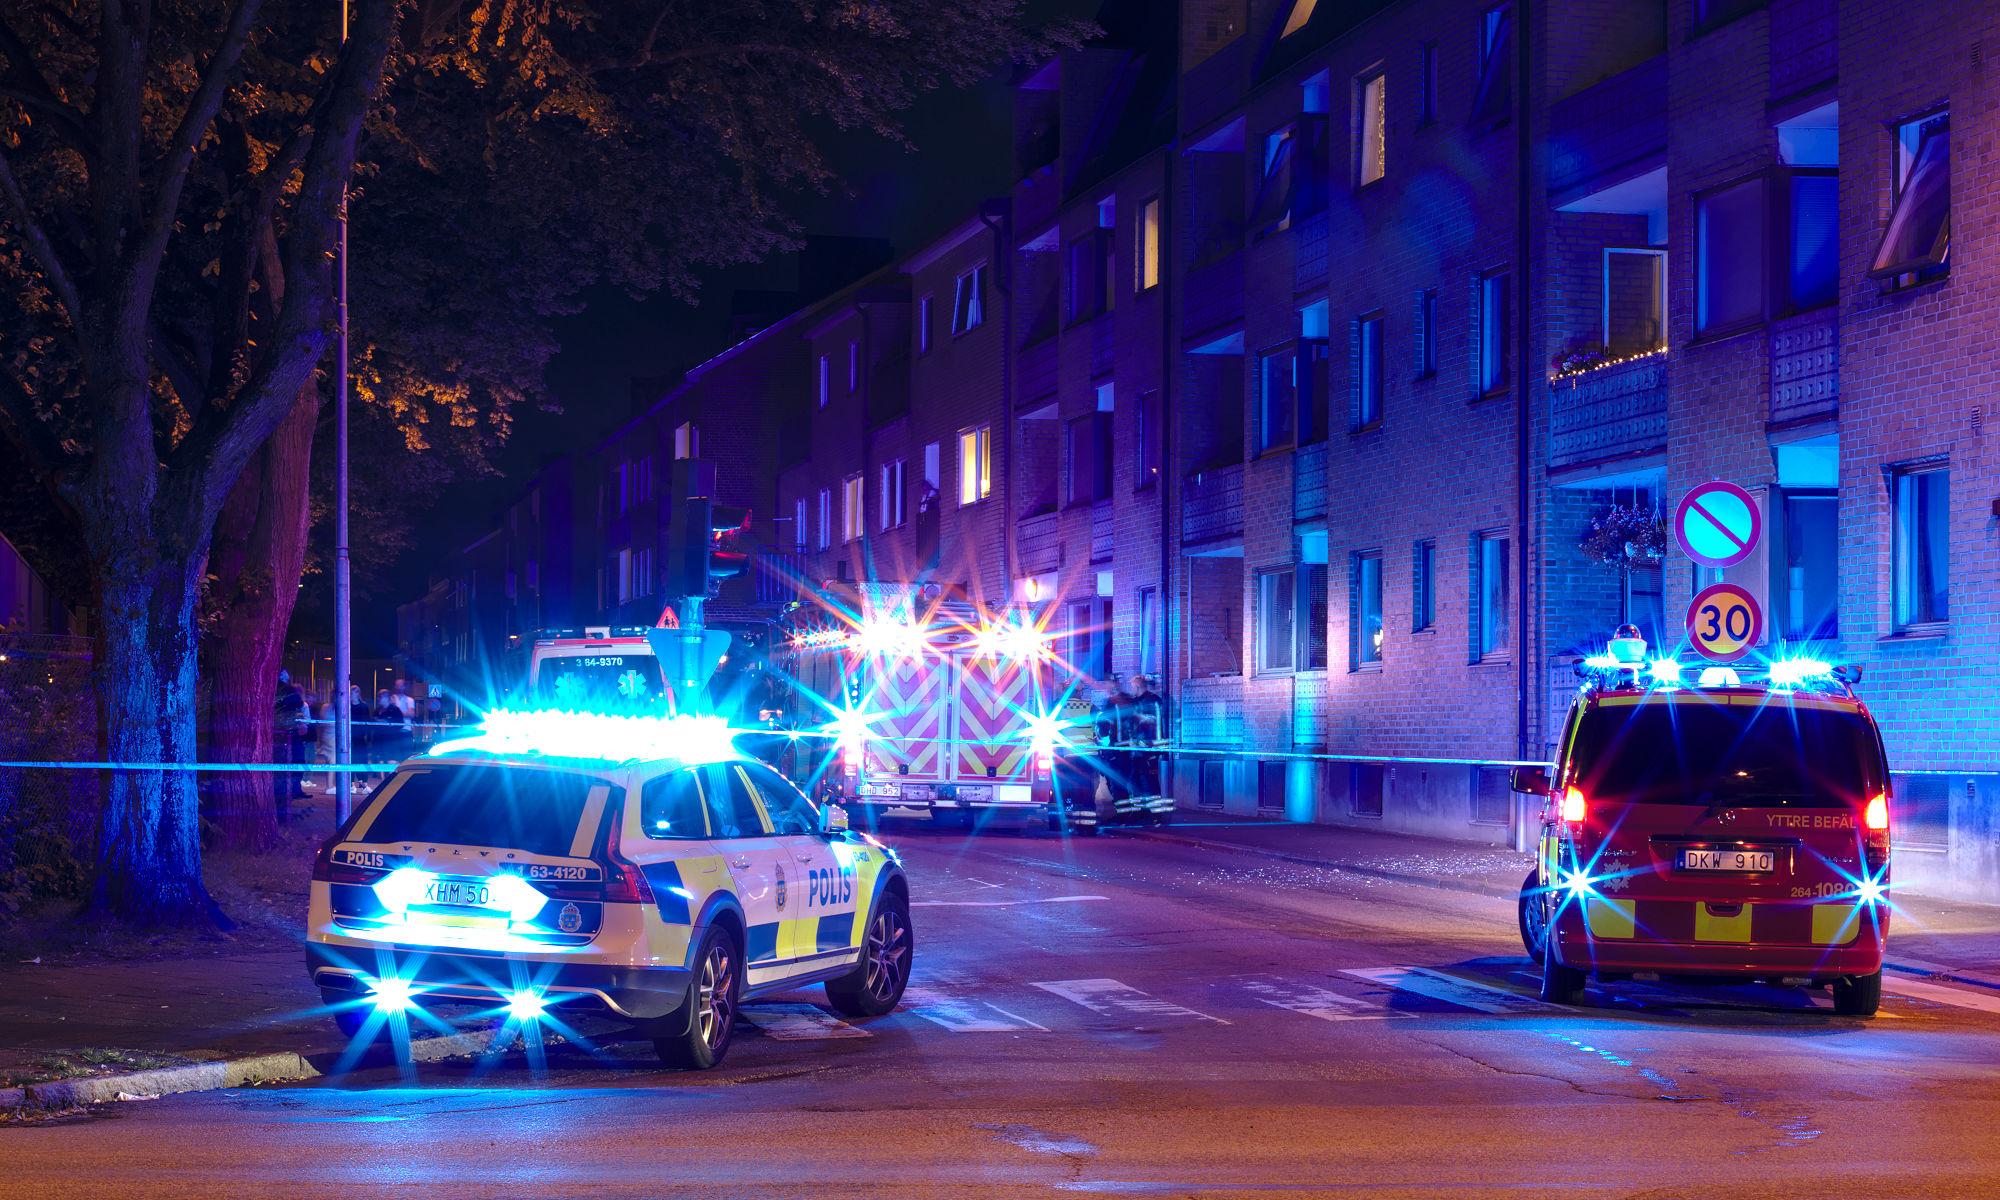 Räddningstjänst och polis efter sprängning i Ängelholm